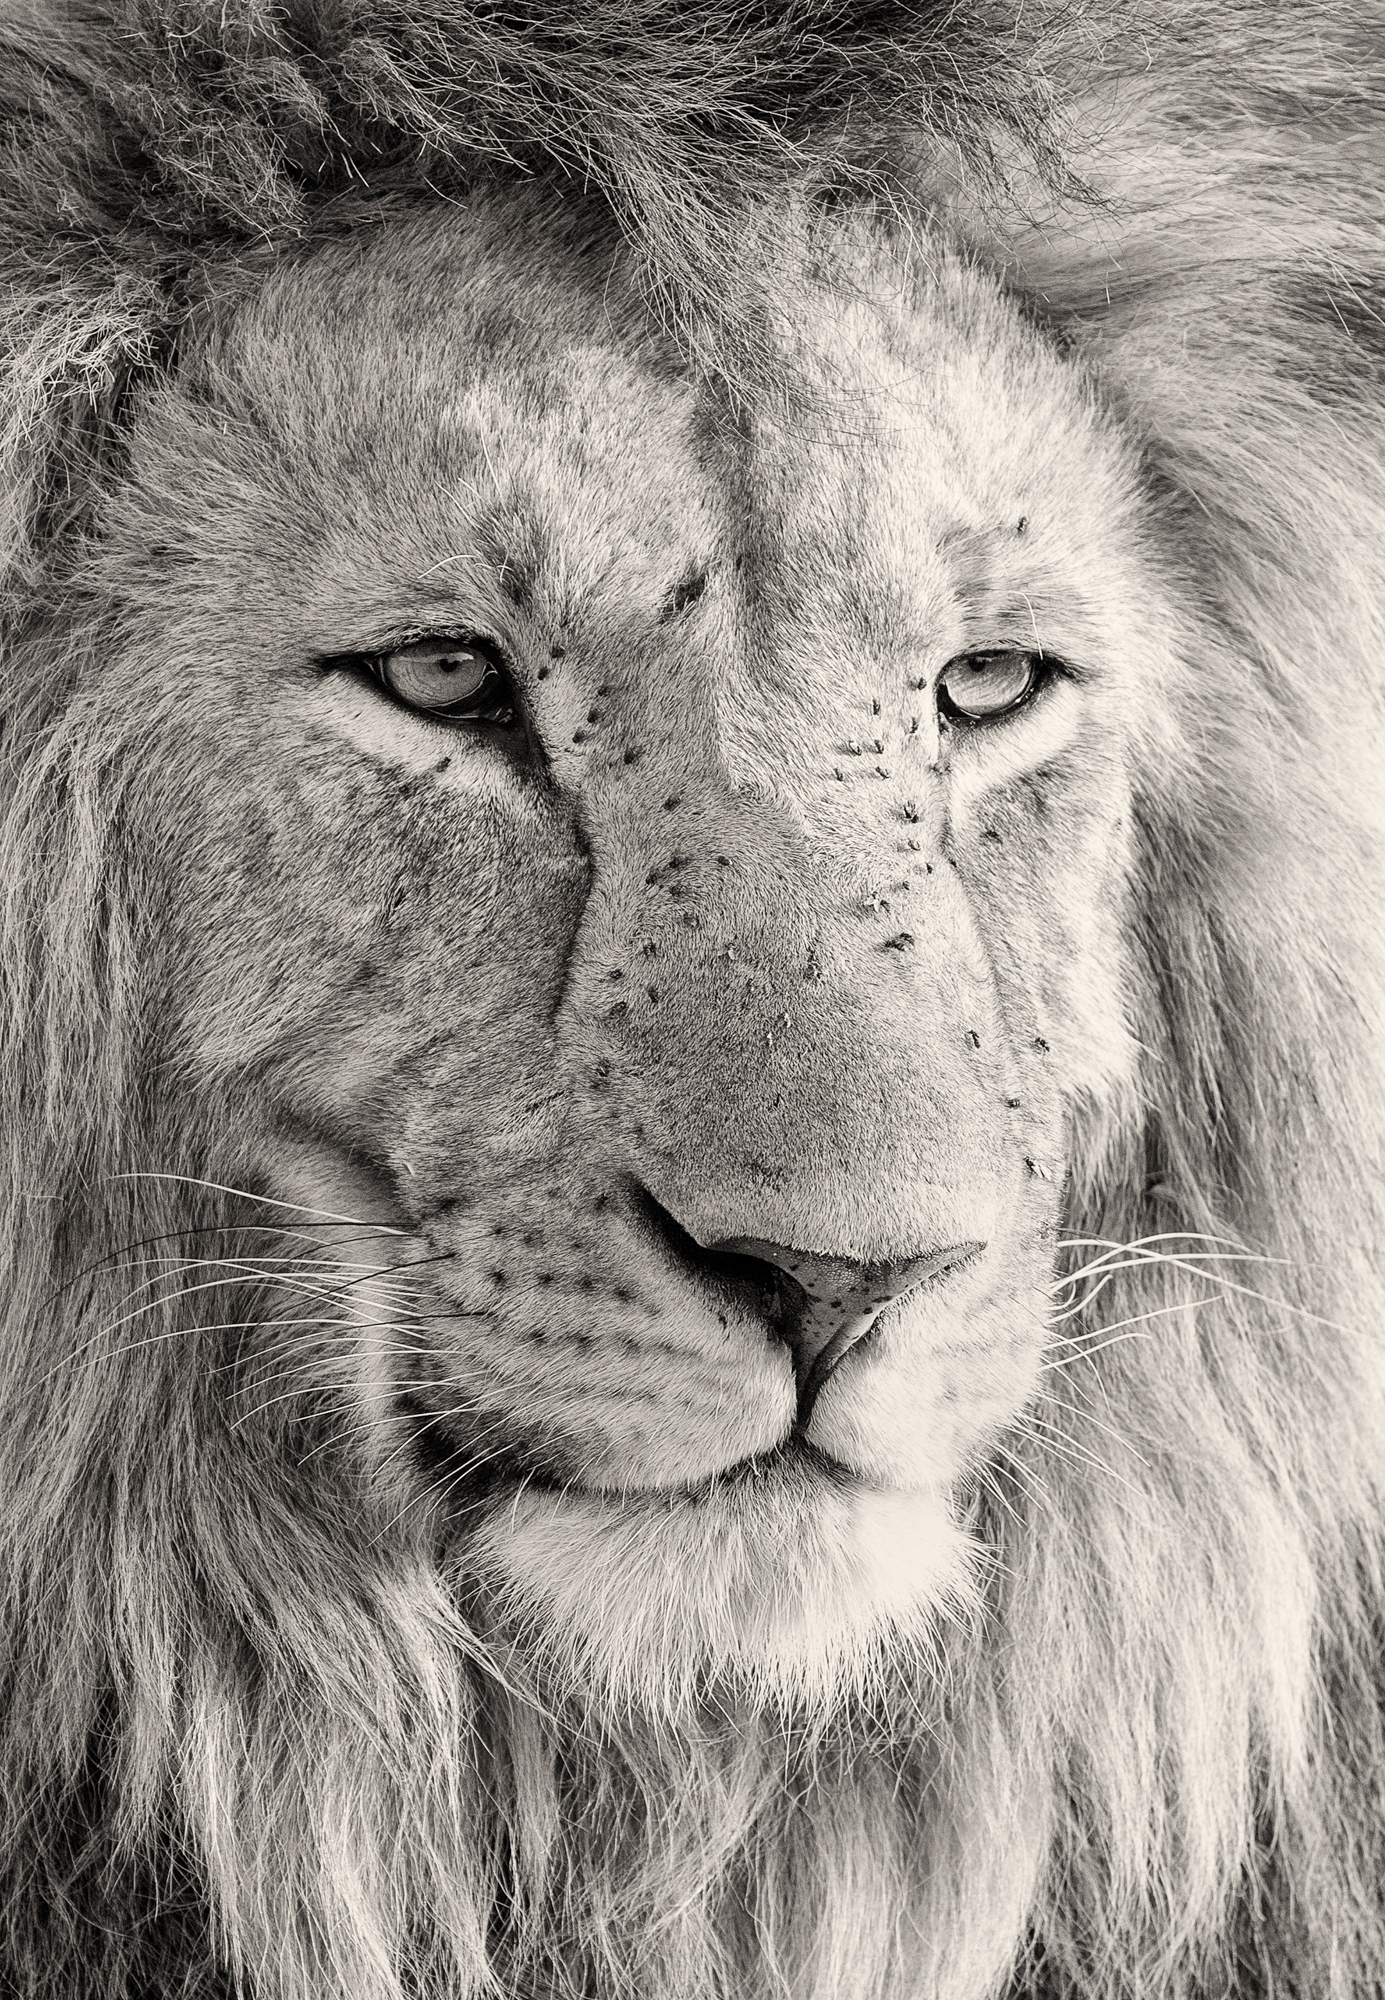 A close up portrait of a male lion